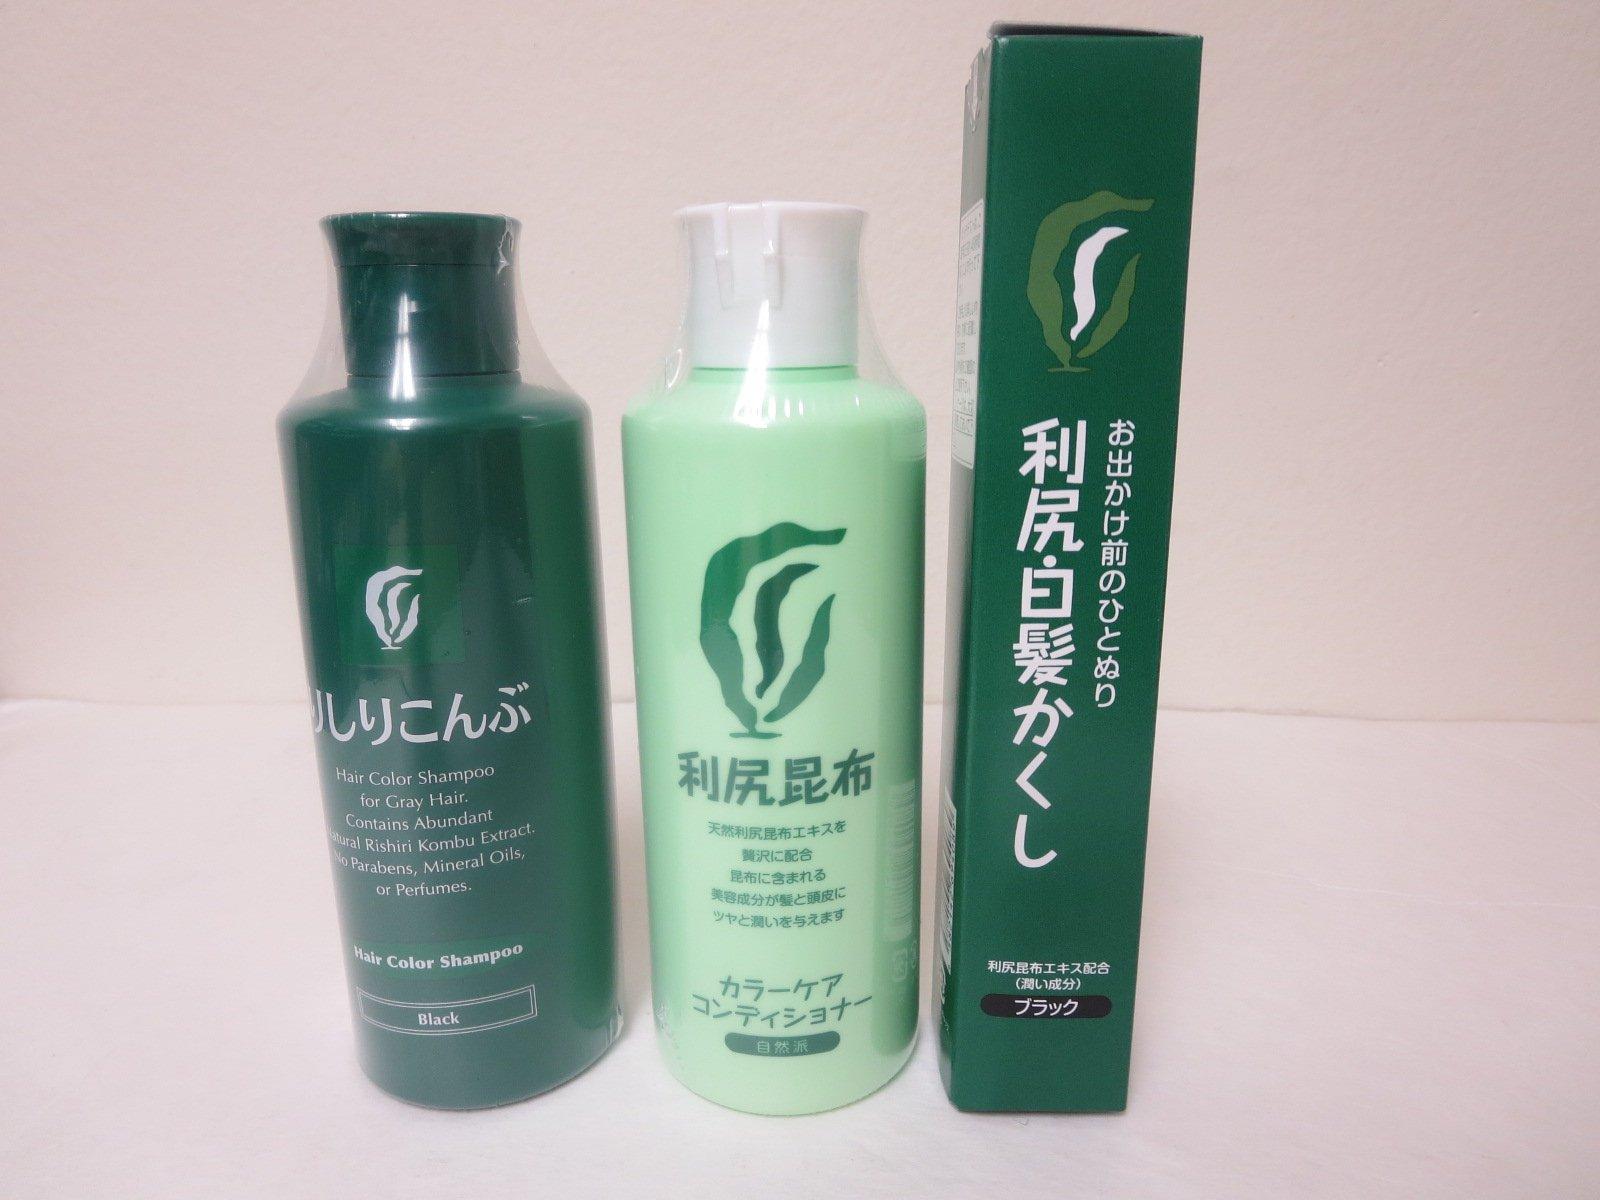 Rishiri Color Shampoo Black (6.7fl Oz) + Color Stick Black (0.7oz)+Color Conditioner (6.7fl Oz)